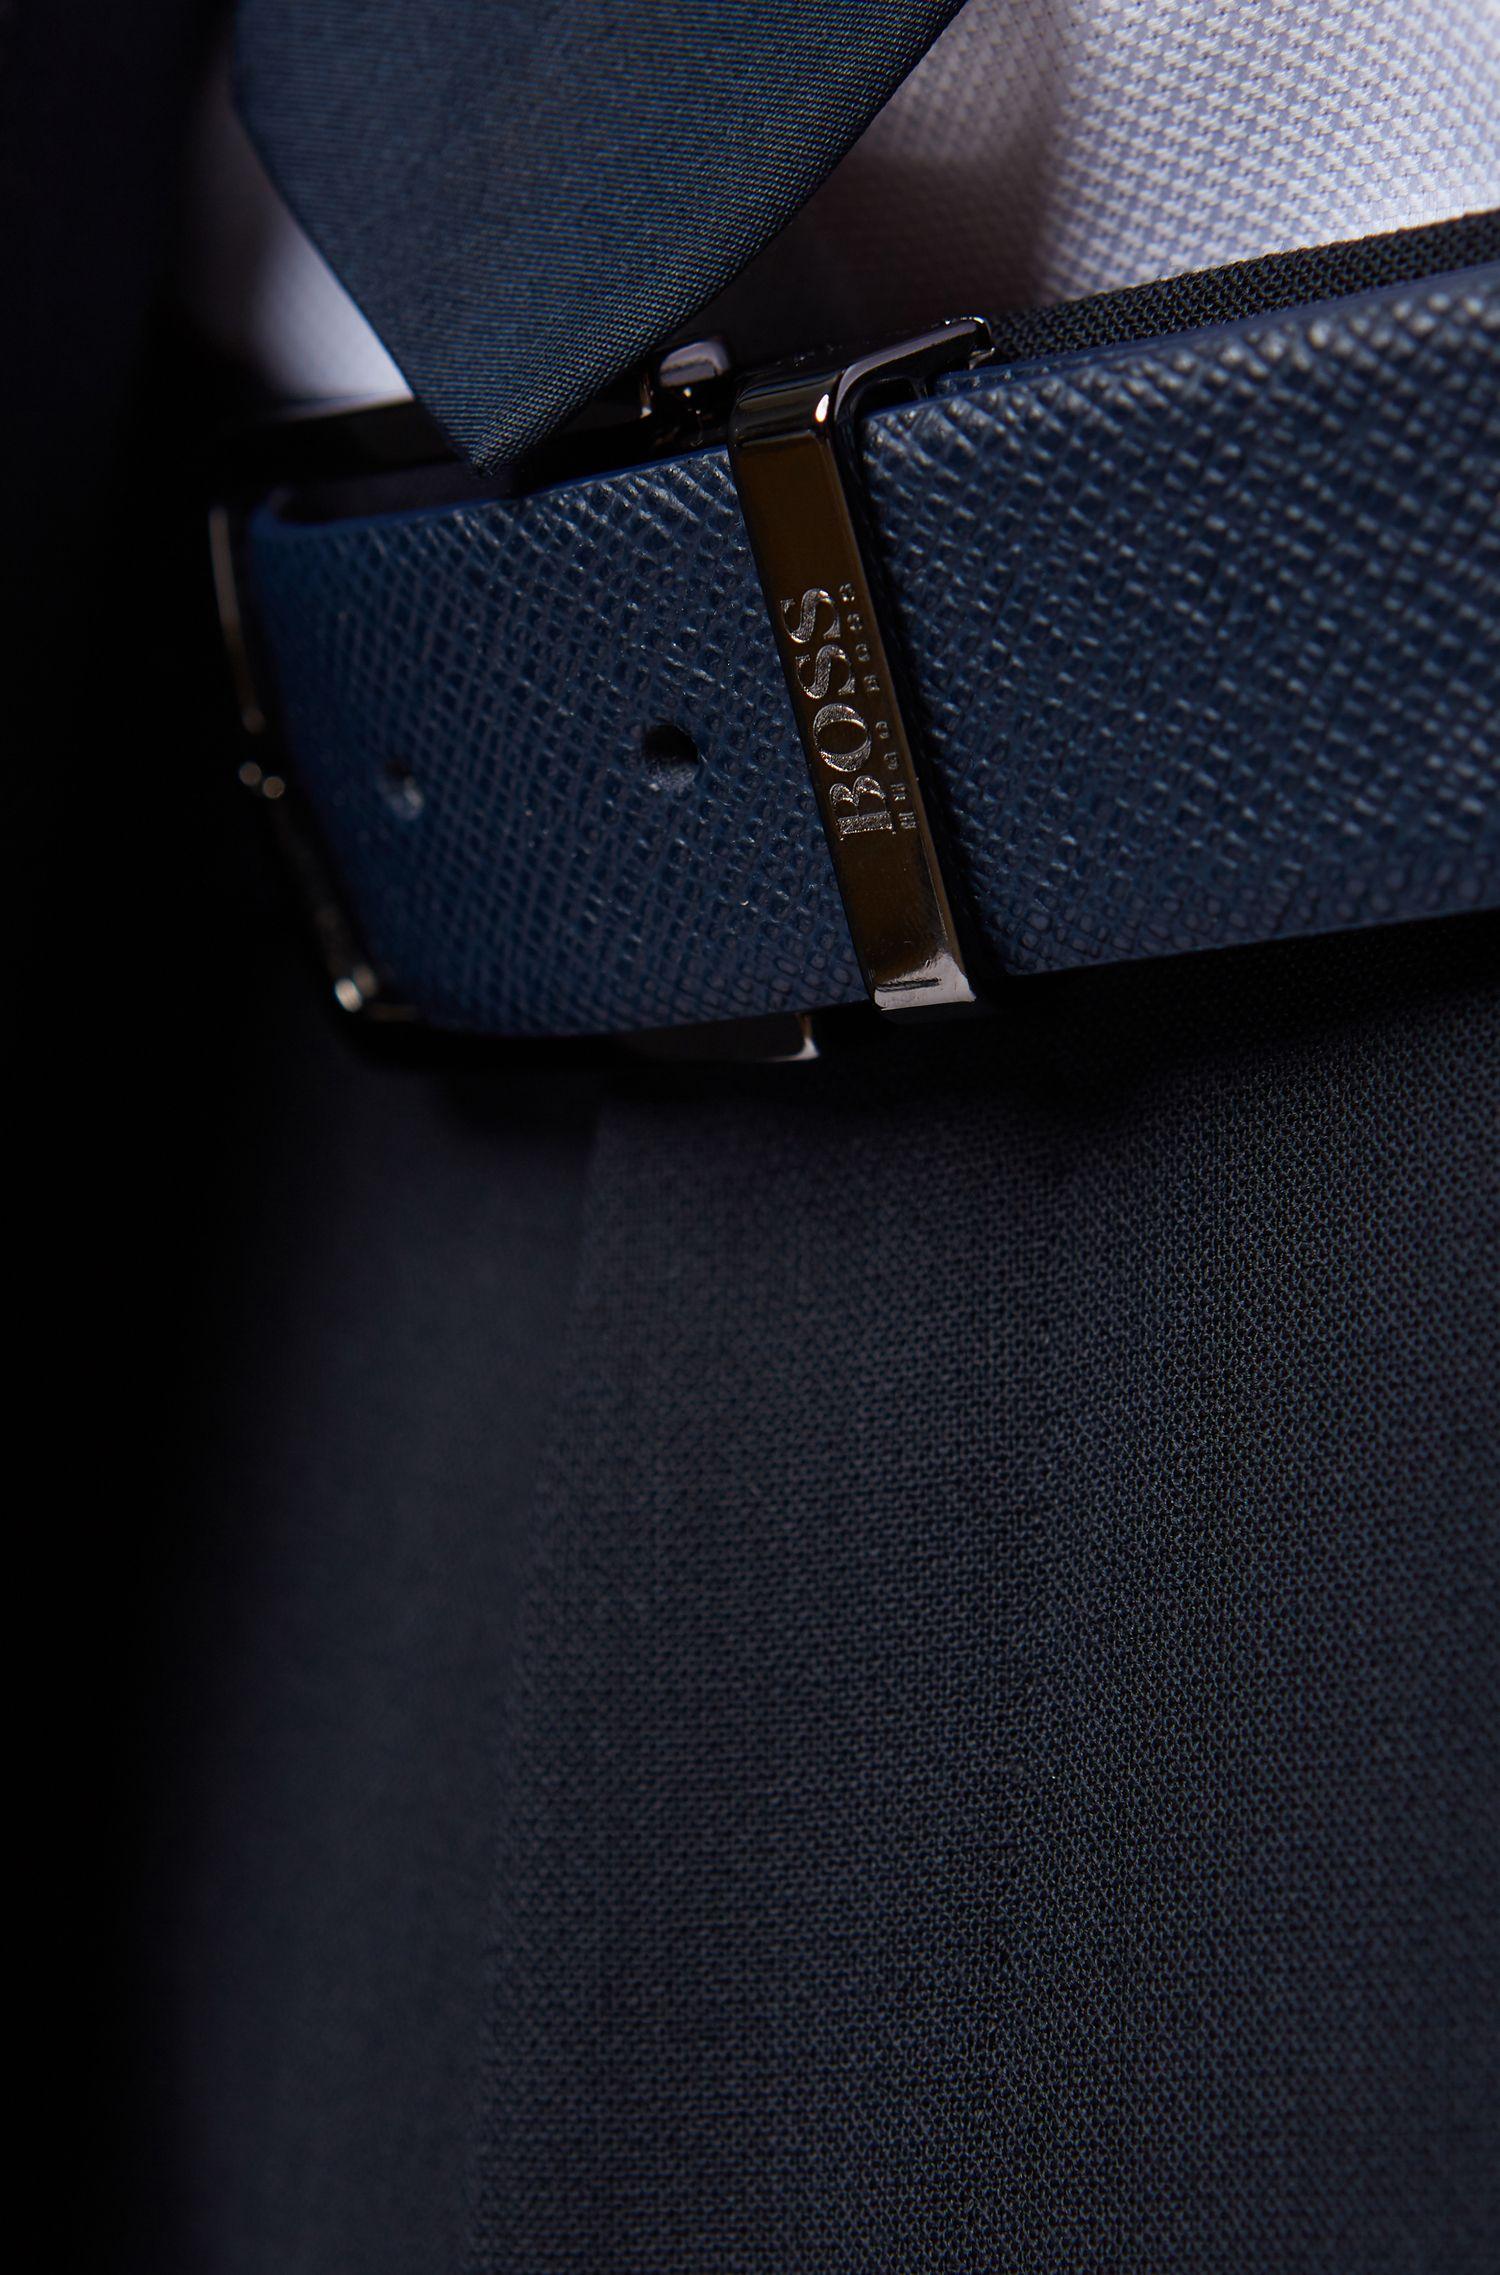 Cinturón reversible de piel Travel Line con hebilla desmontable, Azul oscuro